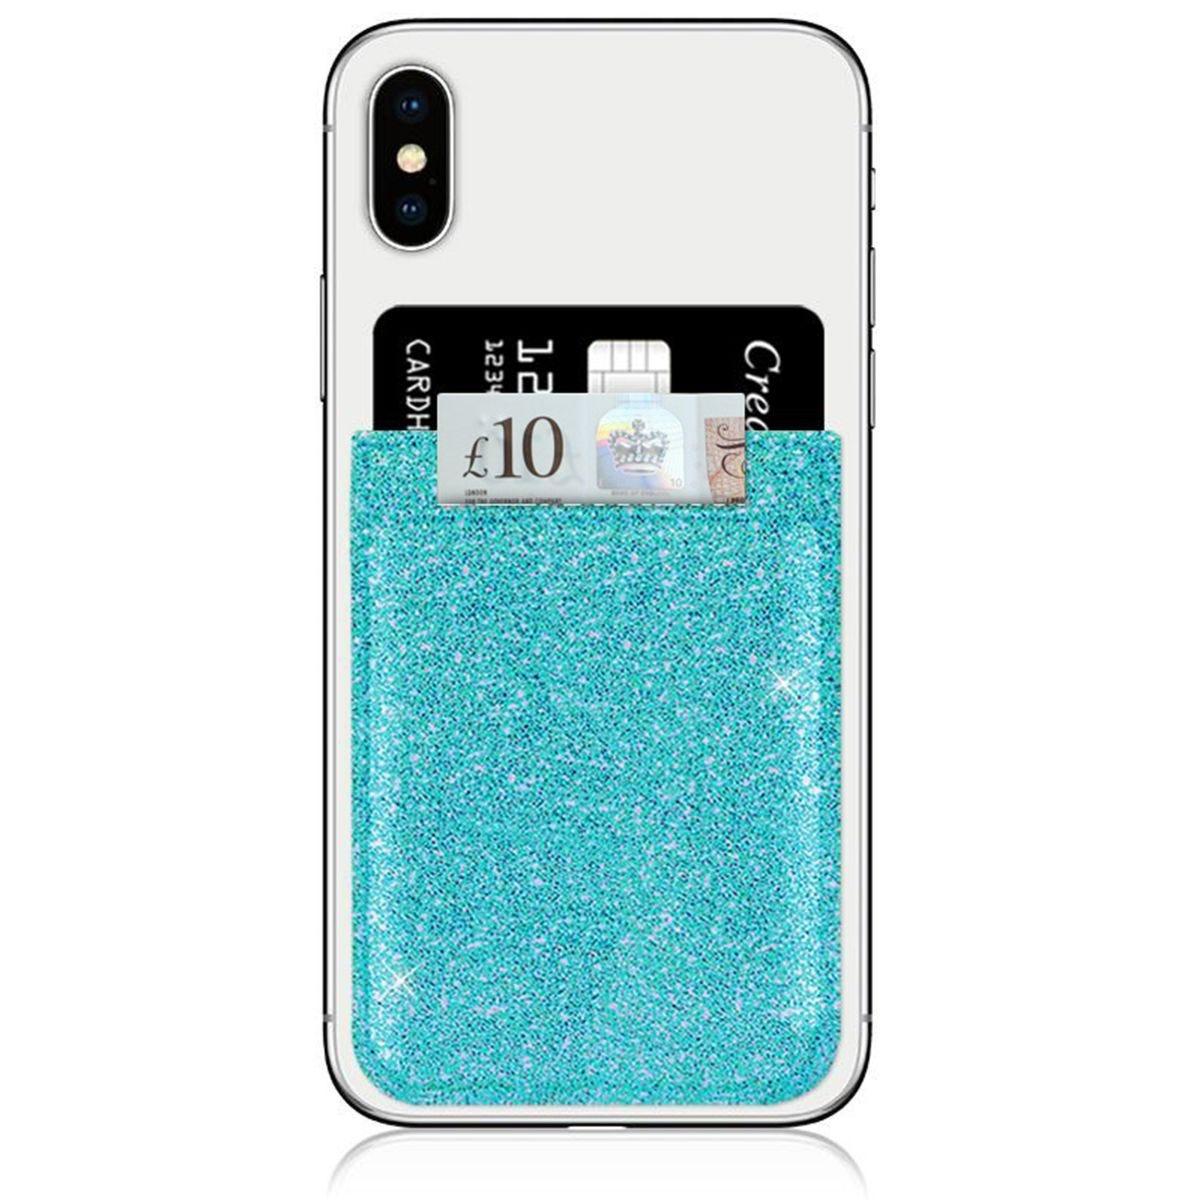 iDecoz Turquoise Phone Pocket